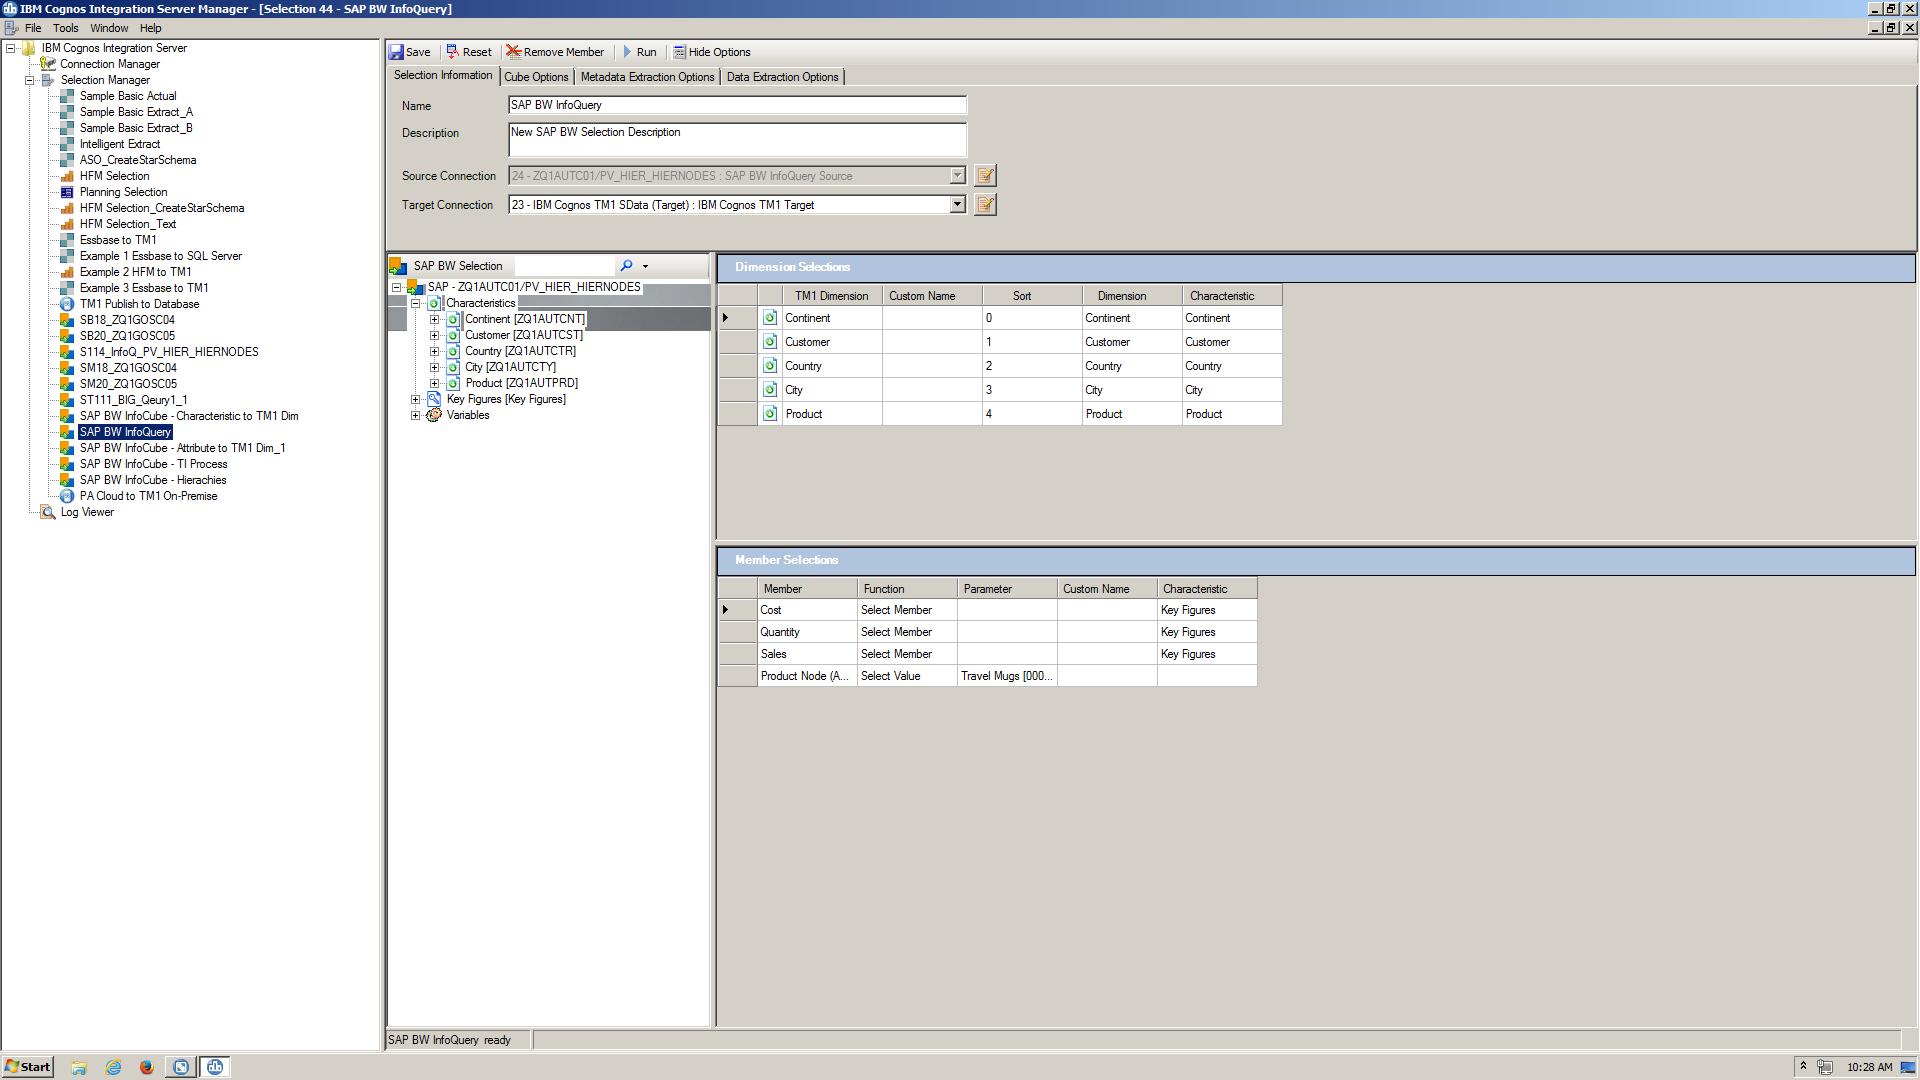 IBM Cognos Integration Server